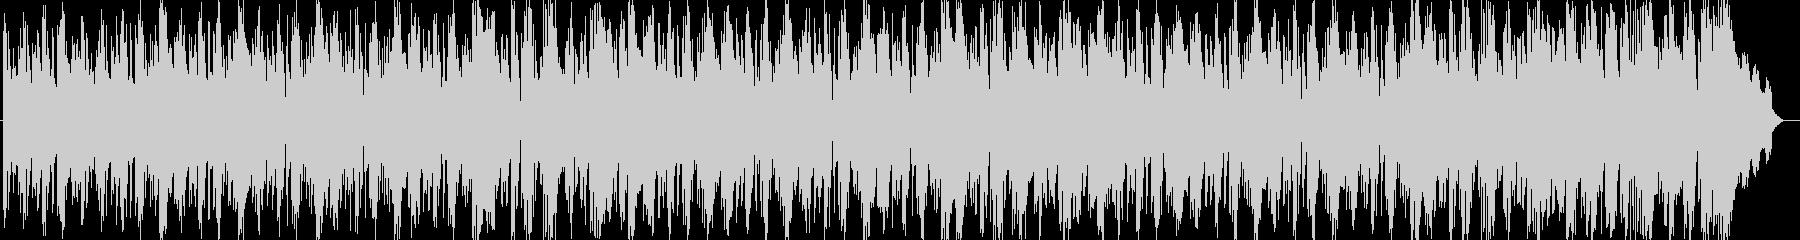 空間に放たれるタイコの一打が印象的な曲の未再生の波形